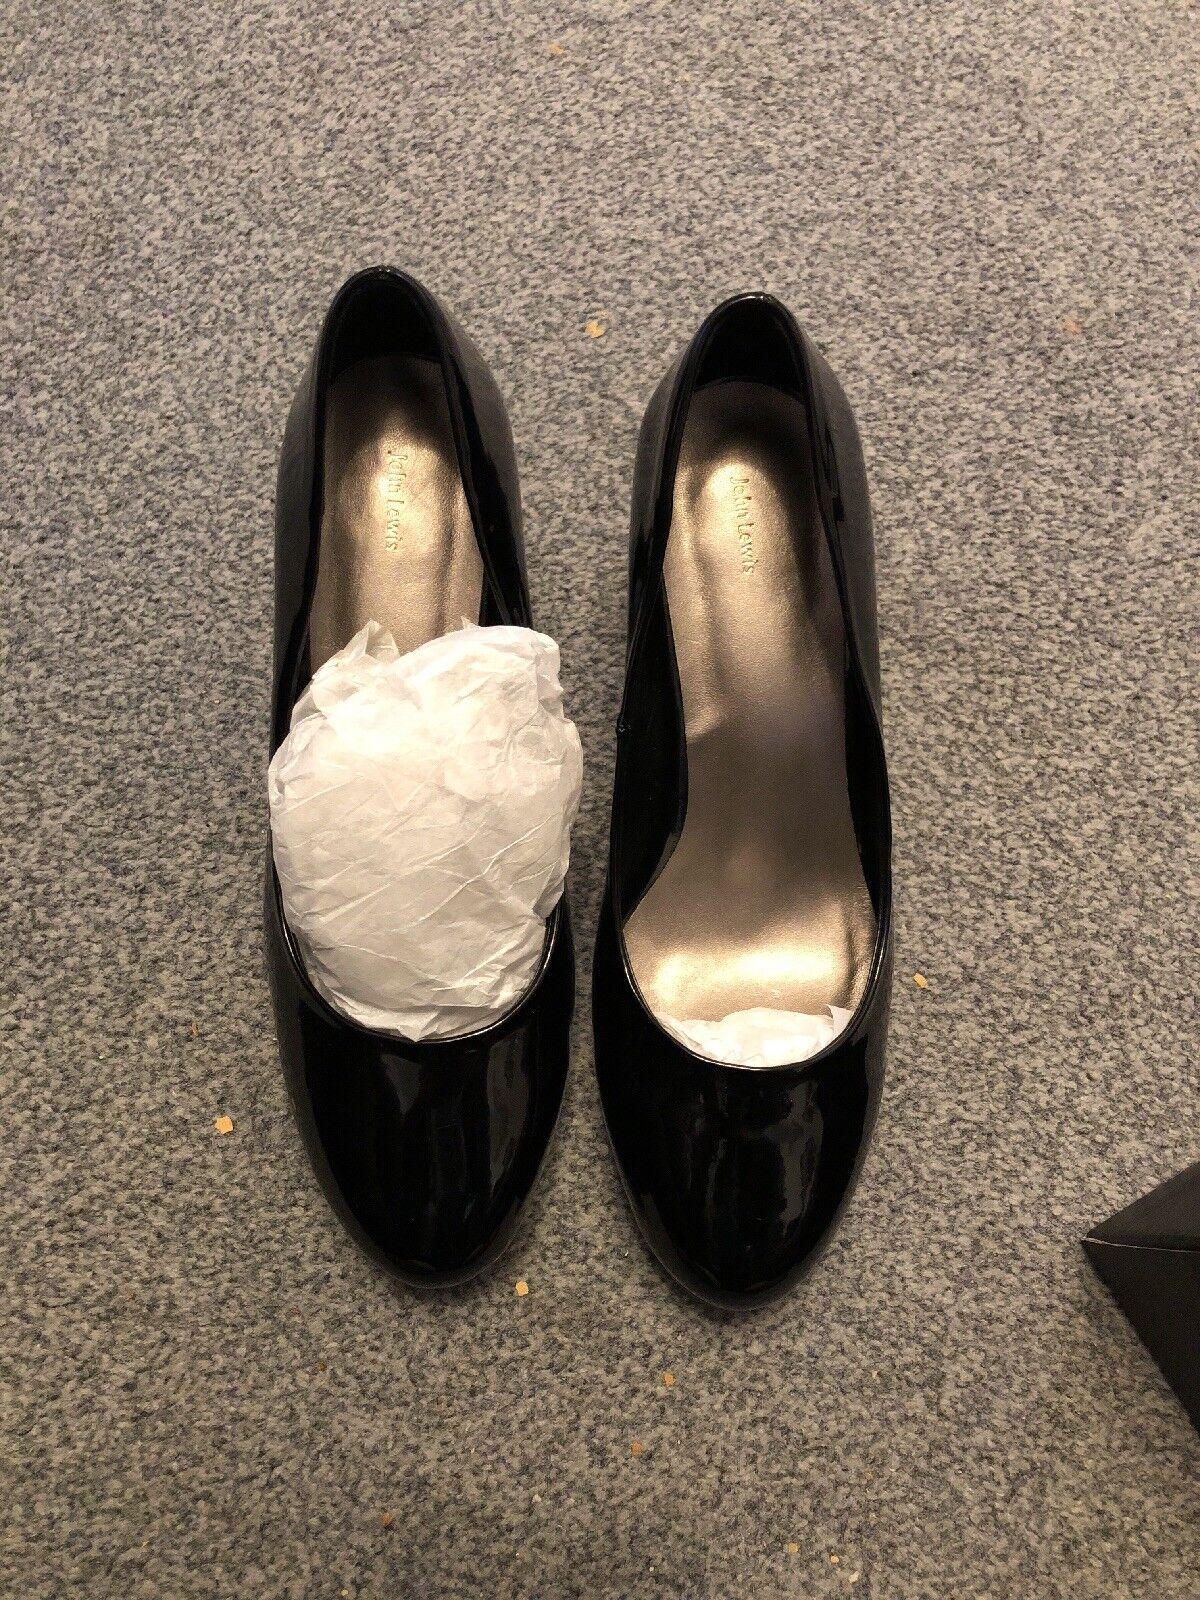 John Lewis Ladies shoes Size 6 BNIB